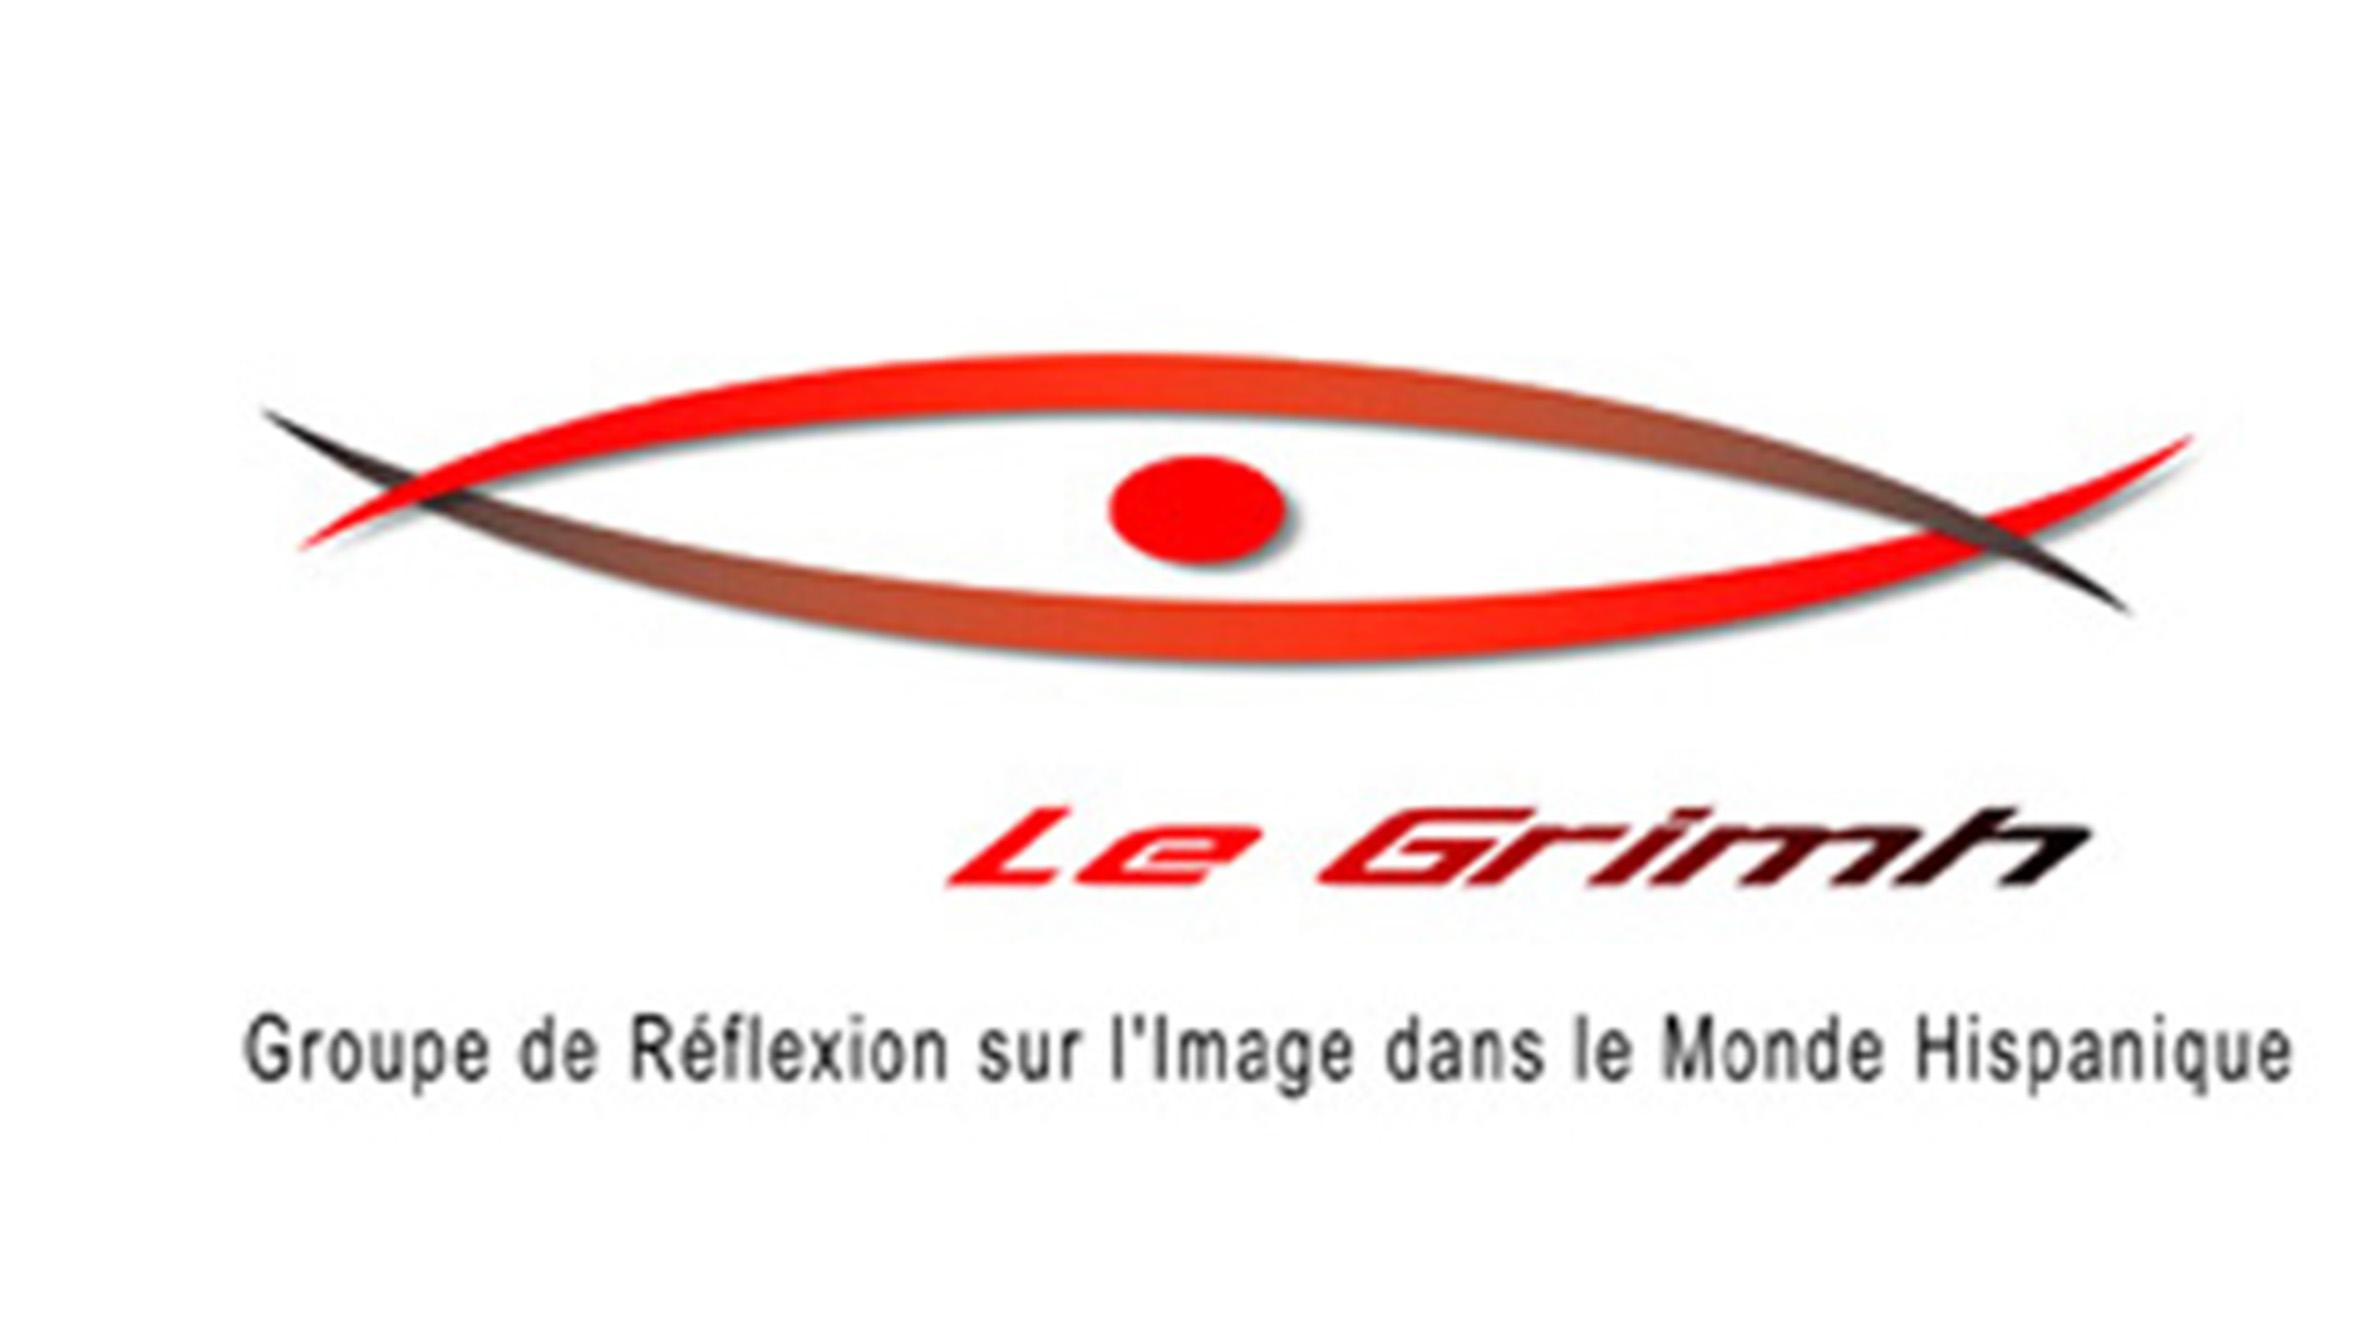 logo for Groupe de Recherche sur l'Image dans le Monde Hispanique